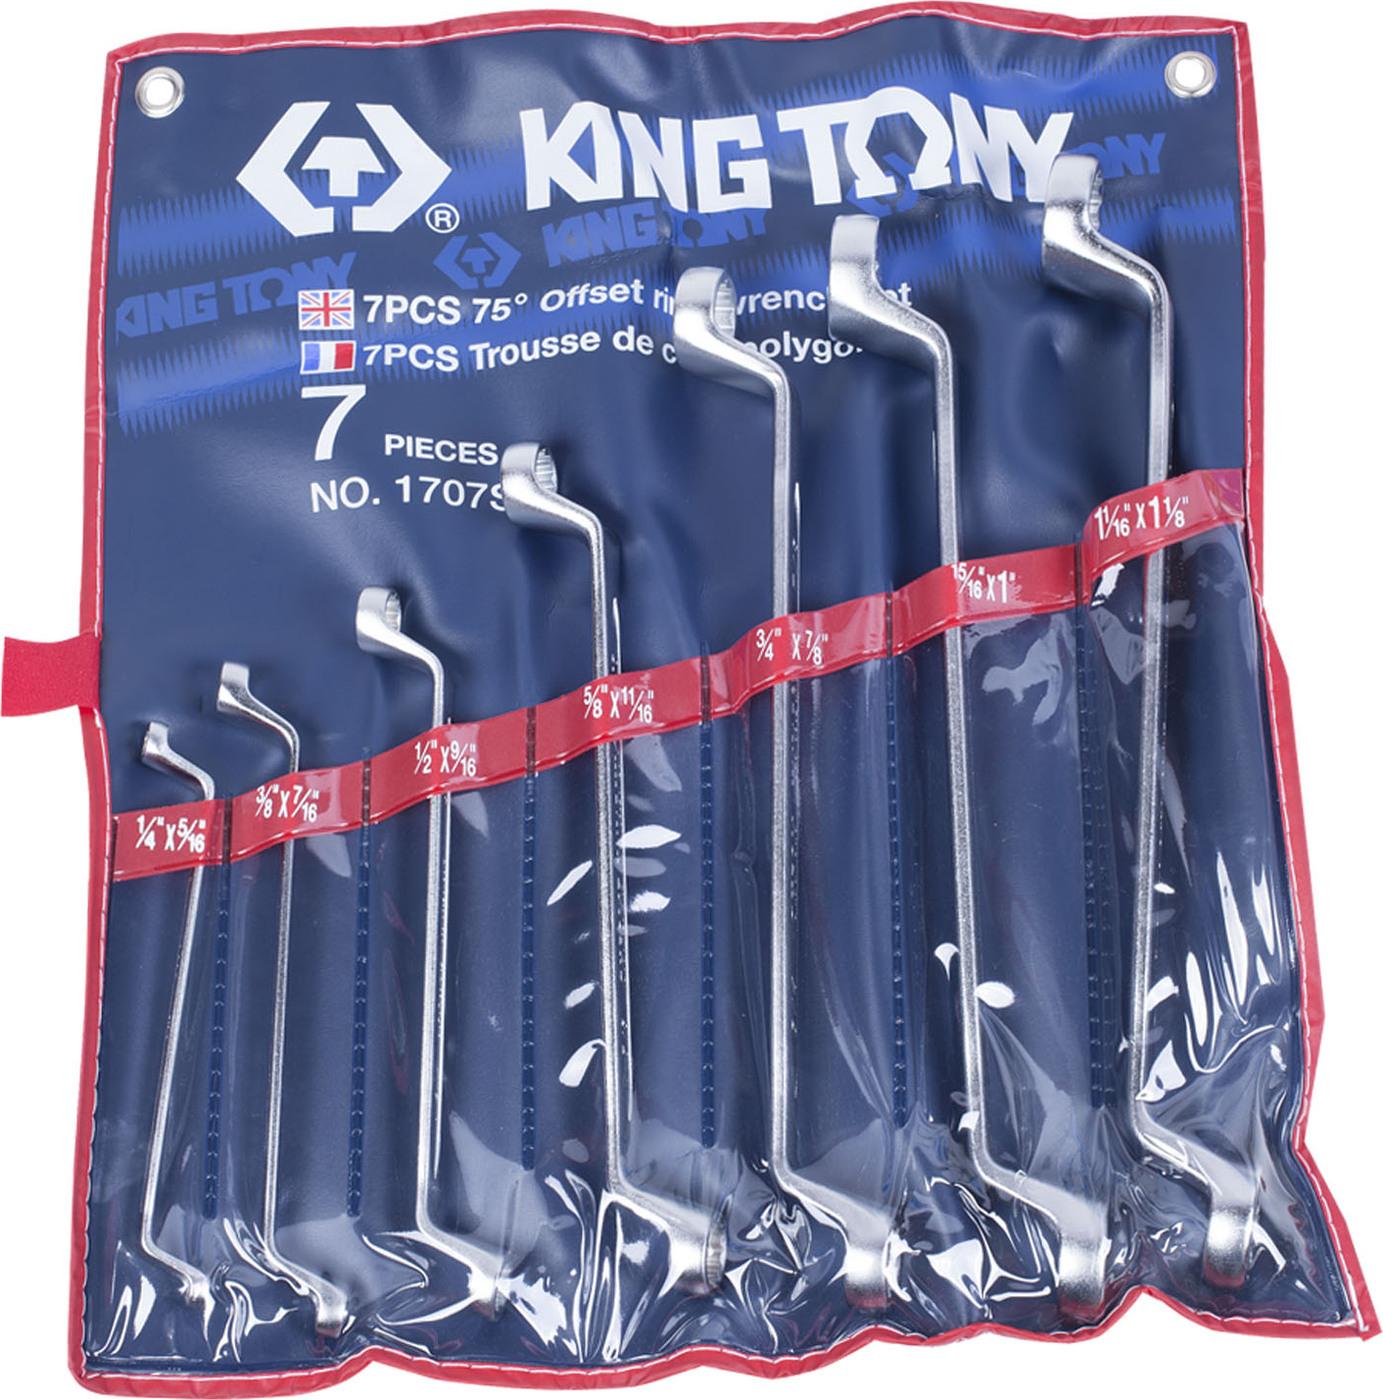 Набор ключей KING TONY 1707SR